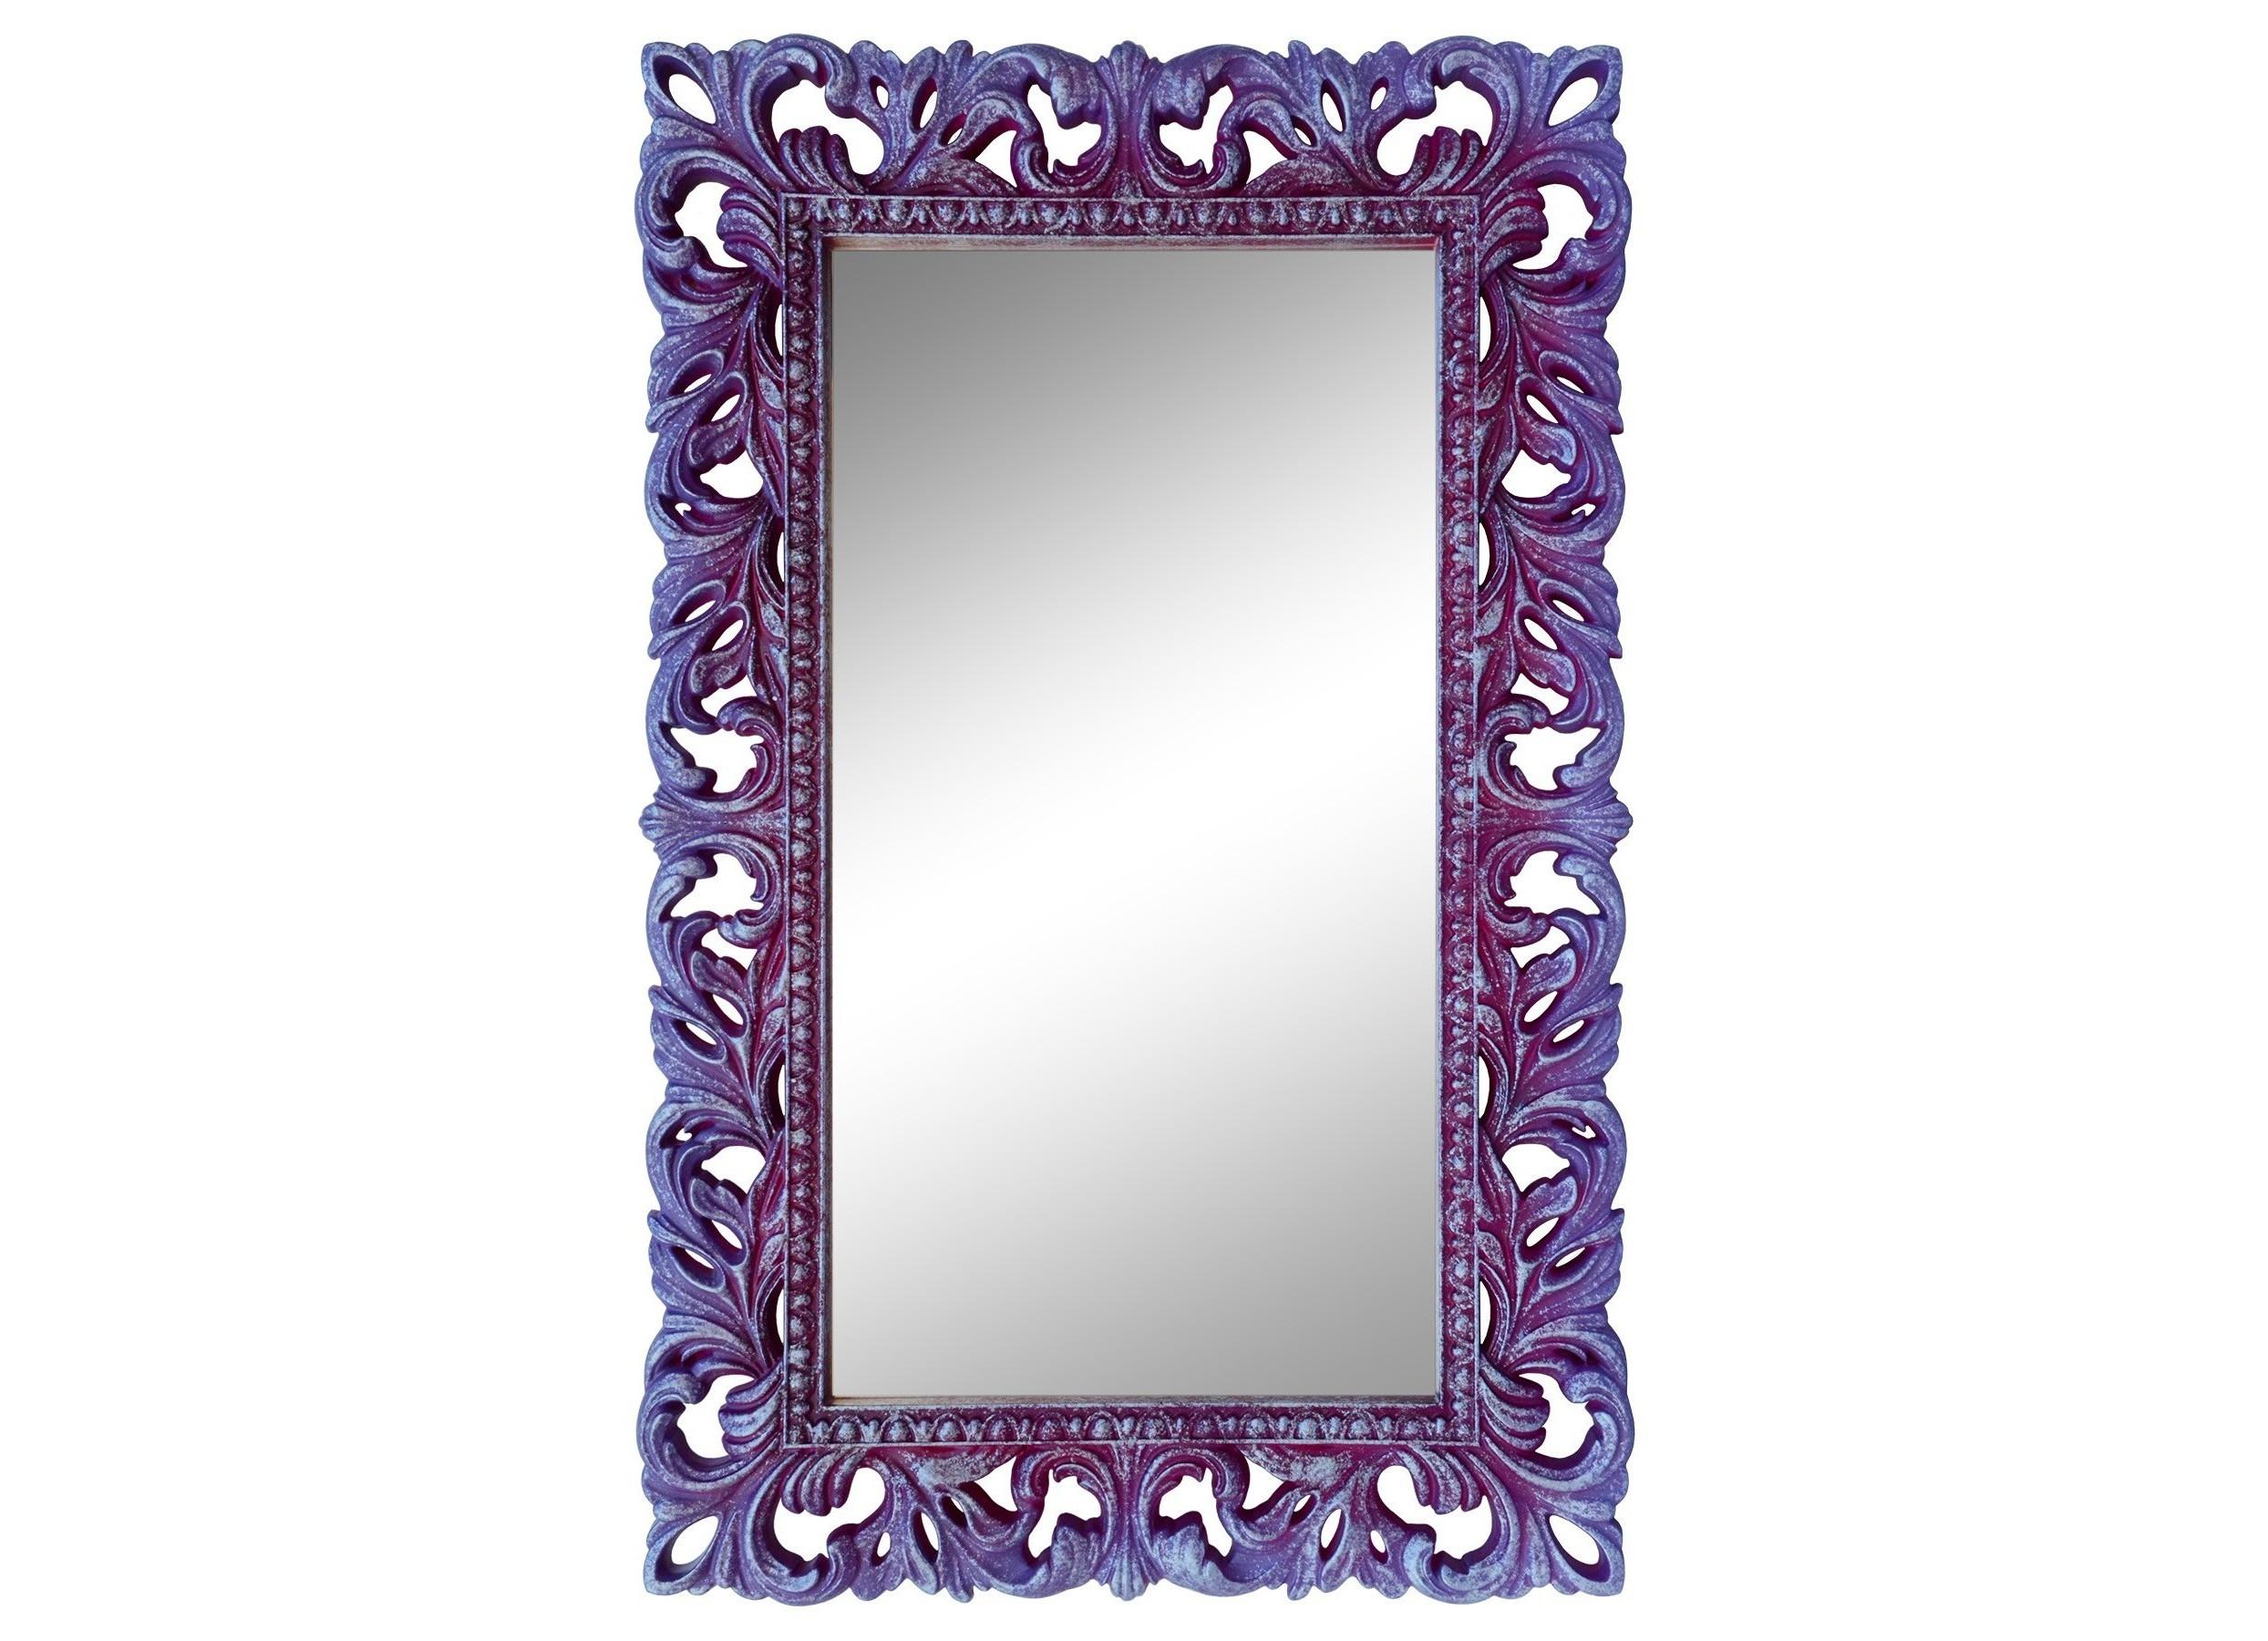 Интерьерное Итальянское зеркалоНастенные зеркала<br>&amp;lt;div&amp;gt;&amp;lt;div&amp;gt;Раме этого зеркала позавидуют шедевры Эрмитажа. Ее украшает сложная резьба, сделанная вручную по мебельному пенополиуретану ? материалу современному, подходящему для реализации даже самых сложных авторских задумок. Например ? имитации барочных узоров. Поверхность ППУ прочна и позволяет делать вещи на века, она твердая и не деформируется, отлично сохраняет лакокрасочное покрытие.&amp;lt;/div&amp;gt;&amp;lt;/div&amp;gt;&amp;lt;div&amp;gt;&amp;lt;br&amp;gt;&amp;lt;/div&amp;gt;&amp;lt;div&amp;gt;Цвет:&amp;amp;nbsp;Сирень Серебро&amp;lt;/div&amp;gt;<br><br>Material: Полиуретан<br>Ширина см: 63<br>Высота см: 95<br>Глубина см: 4